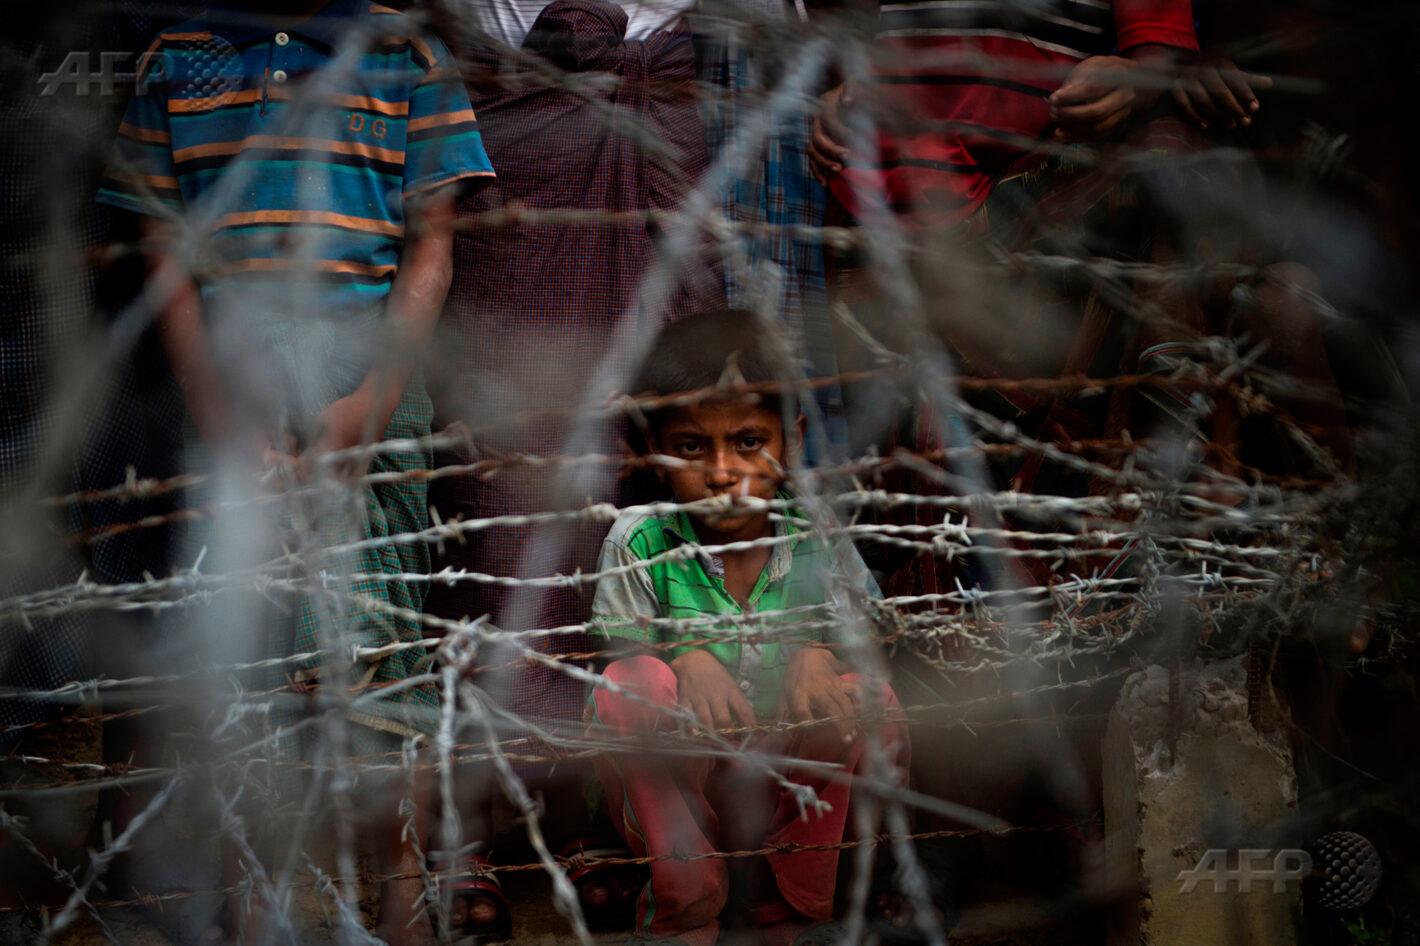 25 avril 2018 – district de Maungdaw, Birmanie - Des réfugiés rohingyas se rassemblent dans le